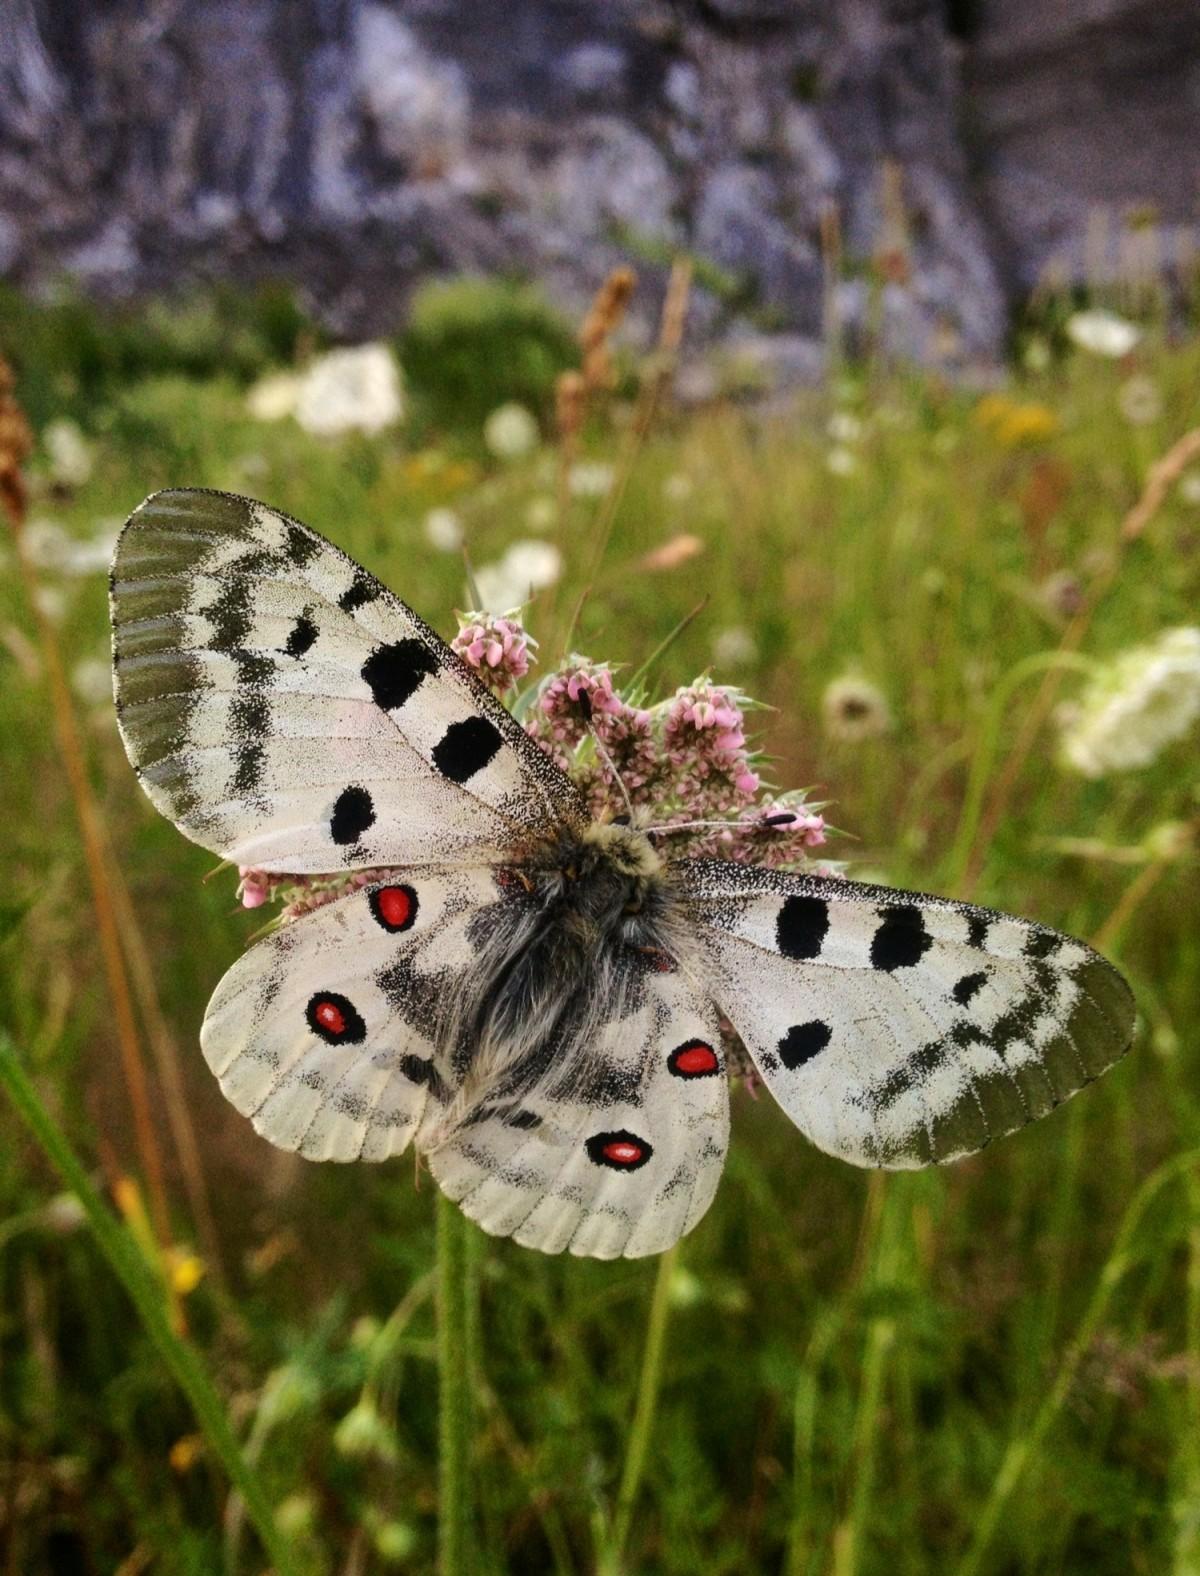 Бабочка аполлон (parnassius apollo): краткое описание, чем питается, интересные факты